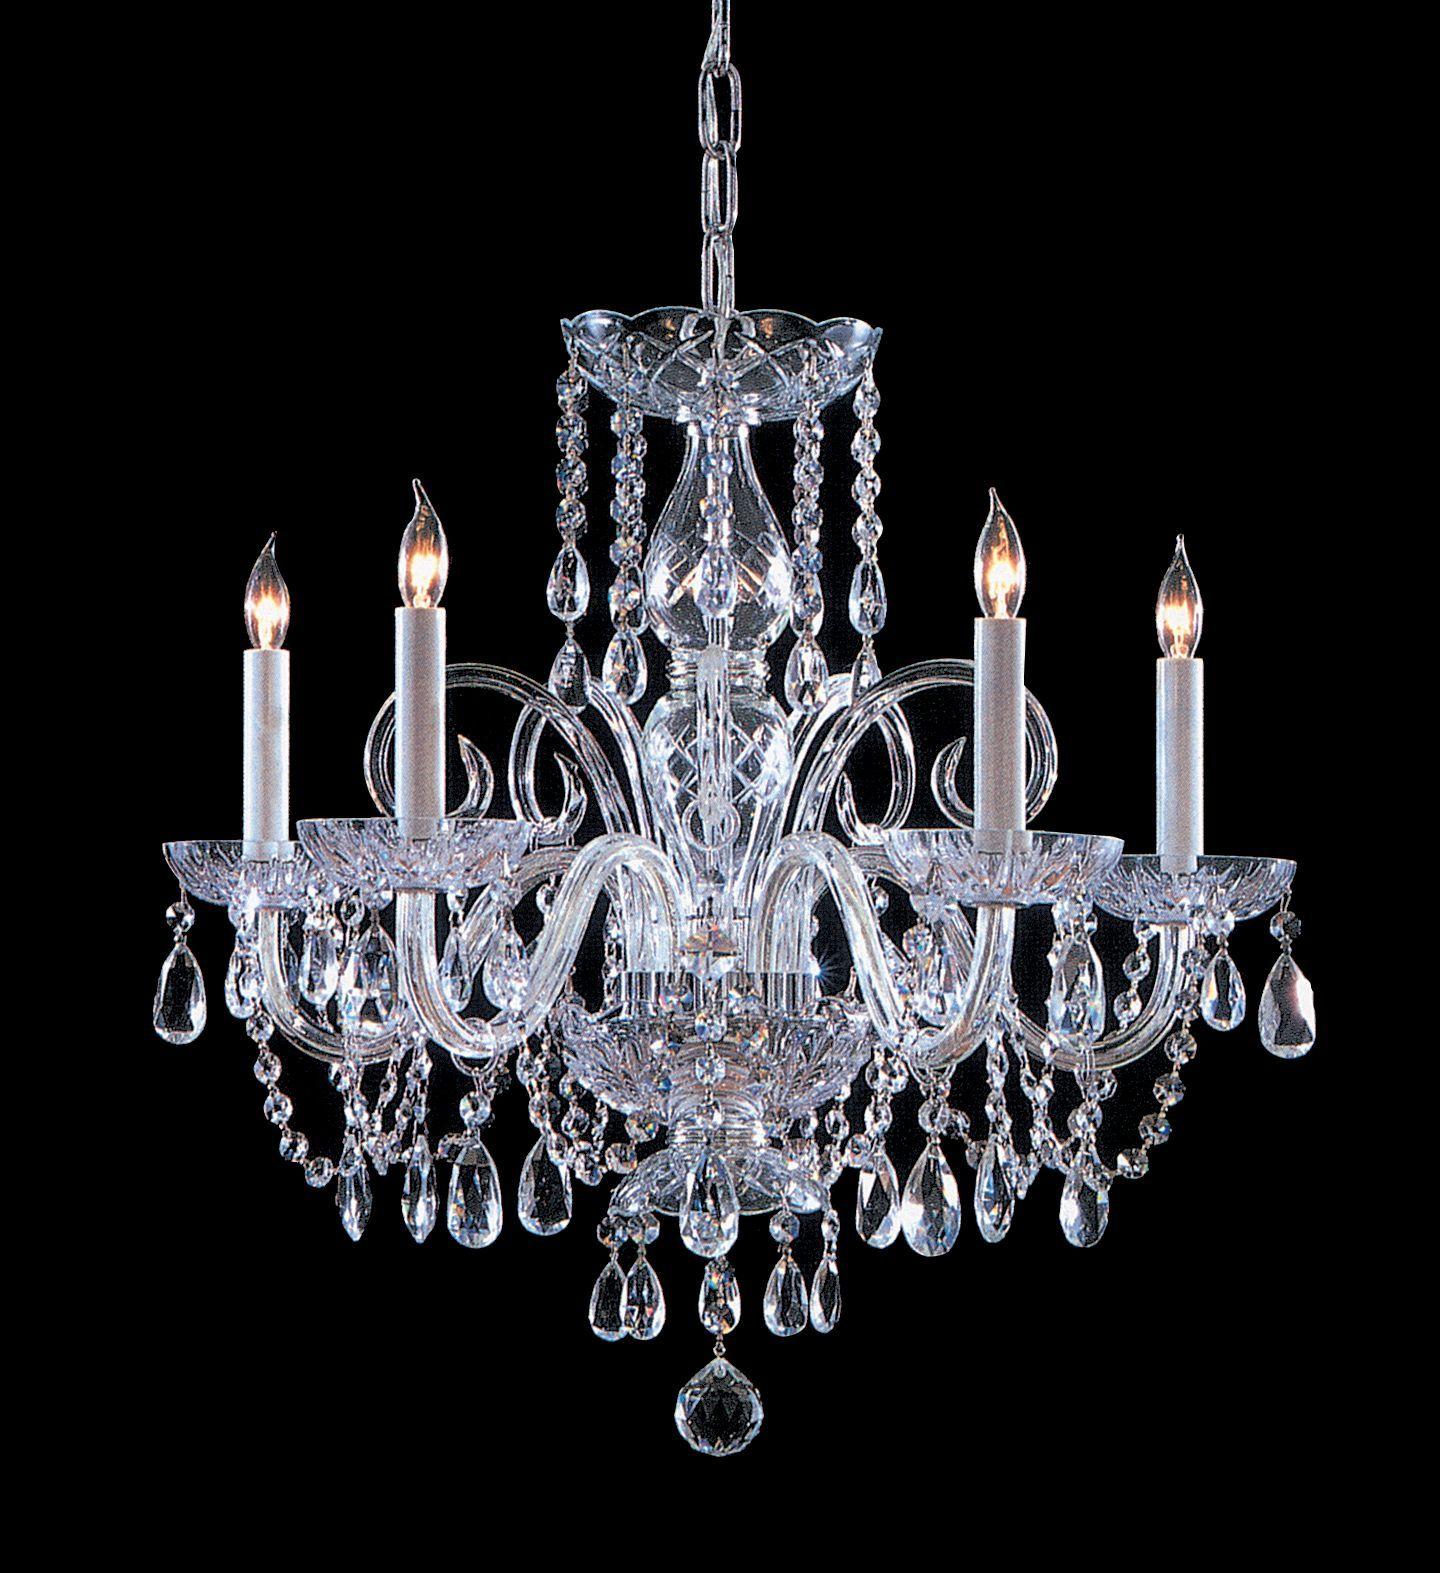 Crystal Chandelier Lighting Fixtures Chandeliers Design – Chandelier Lighting Fixtures